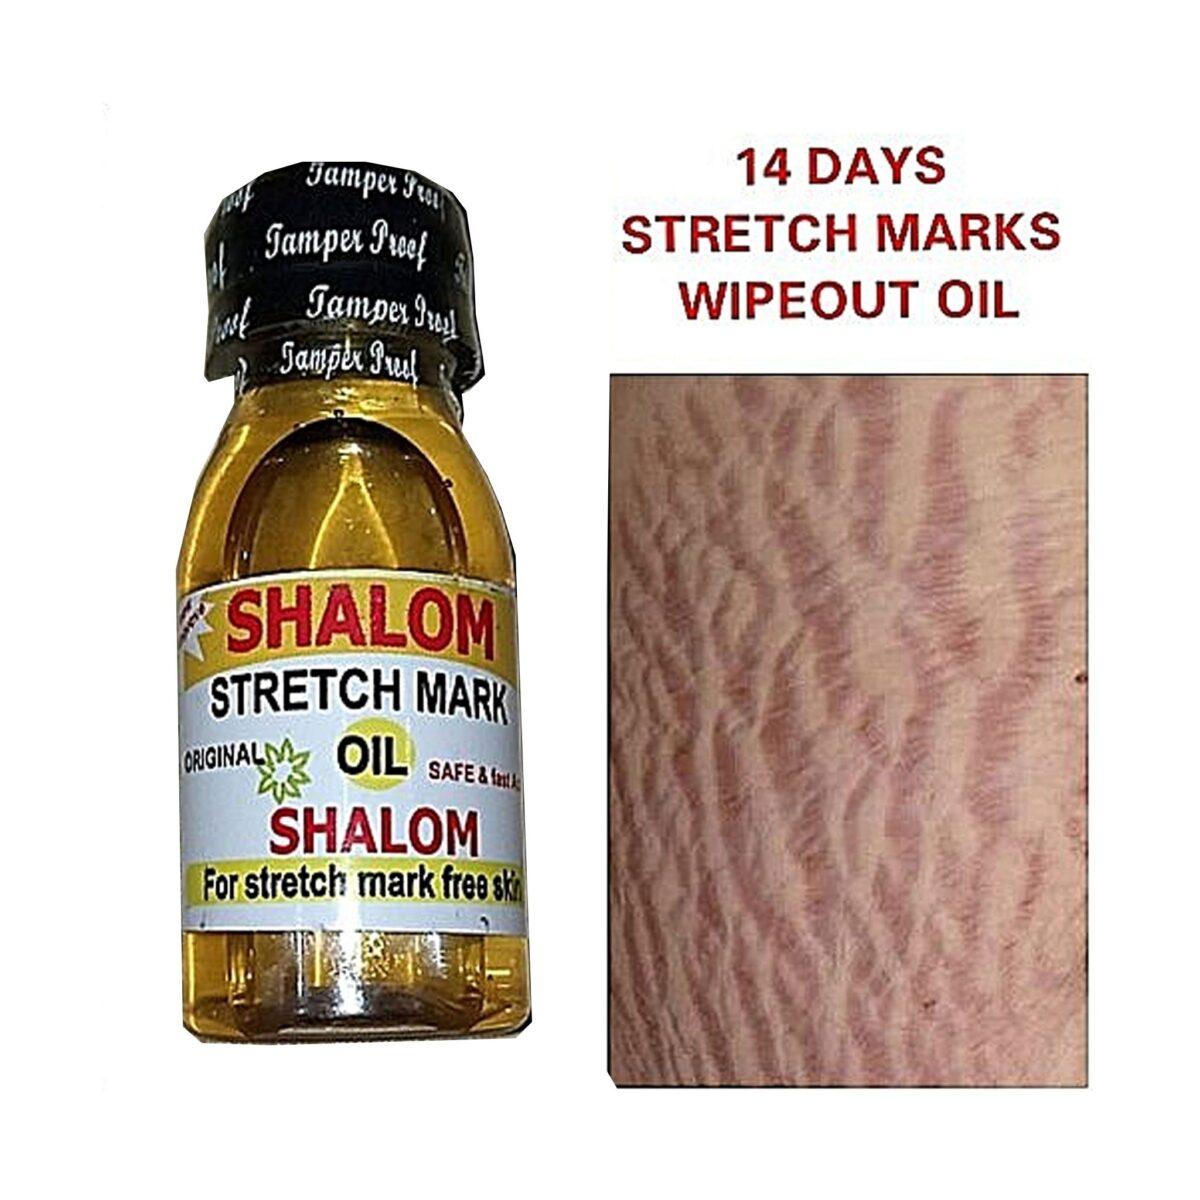 Shalom 14 Days Stretch Marks Wipeout Oil